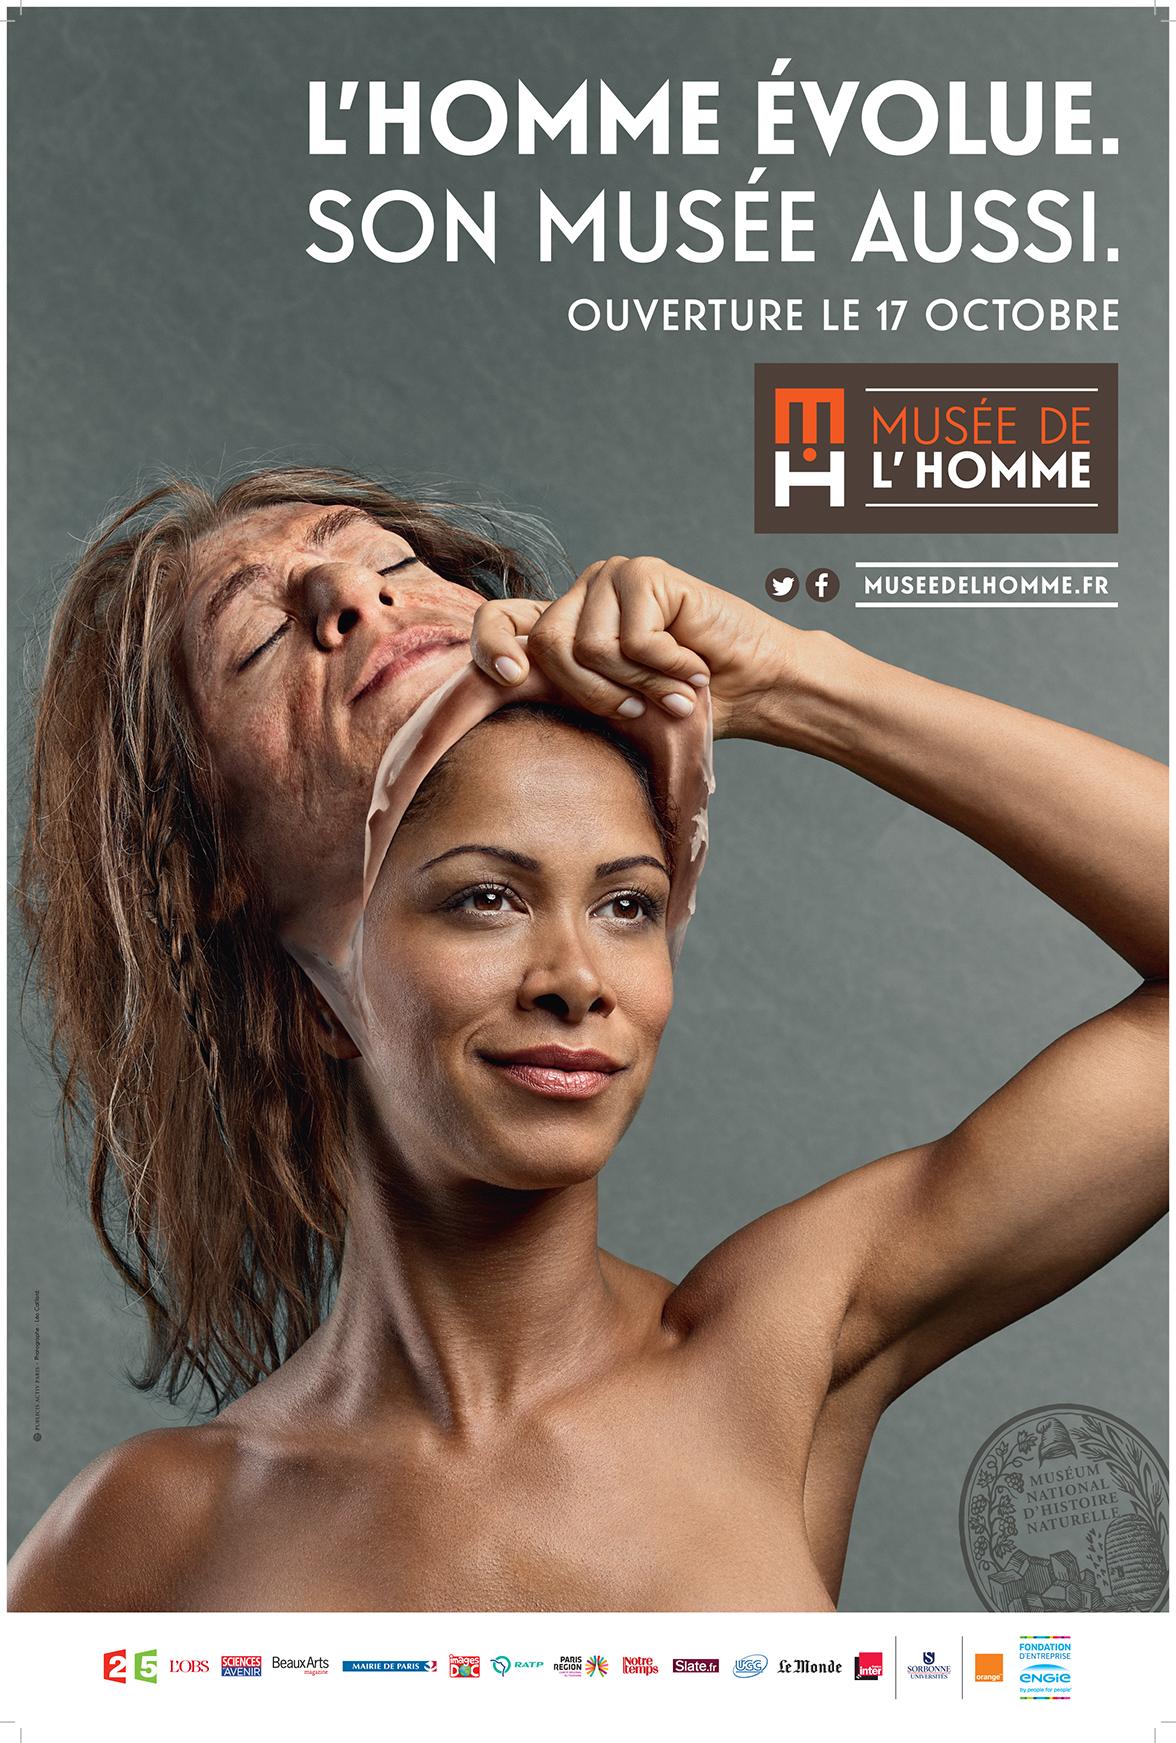 affiche-40-60-ouverture-publicis-femme2-270917.jpg (1176×1743)